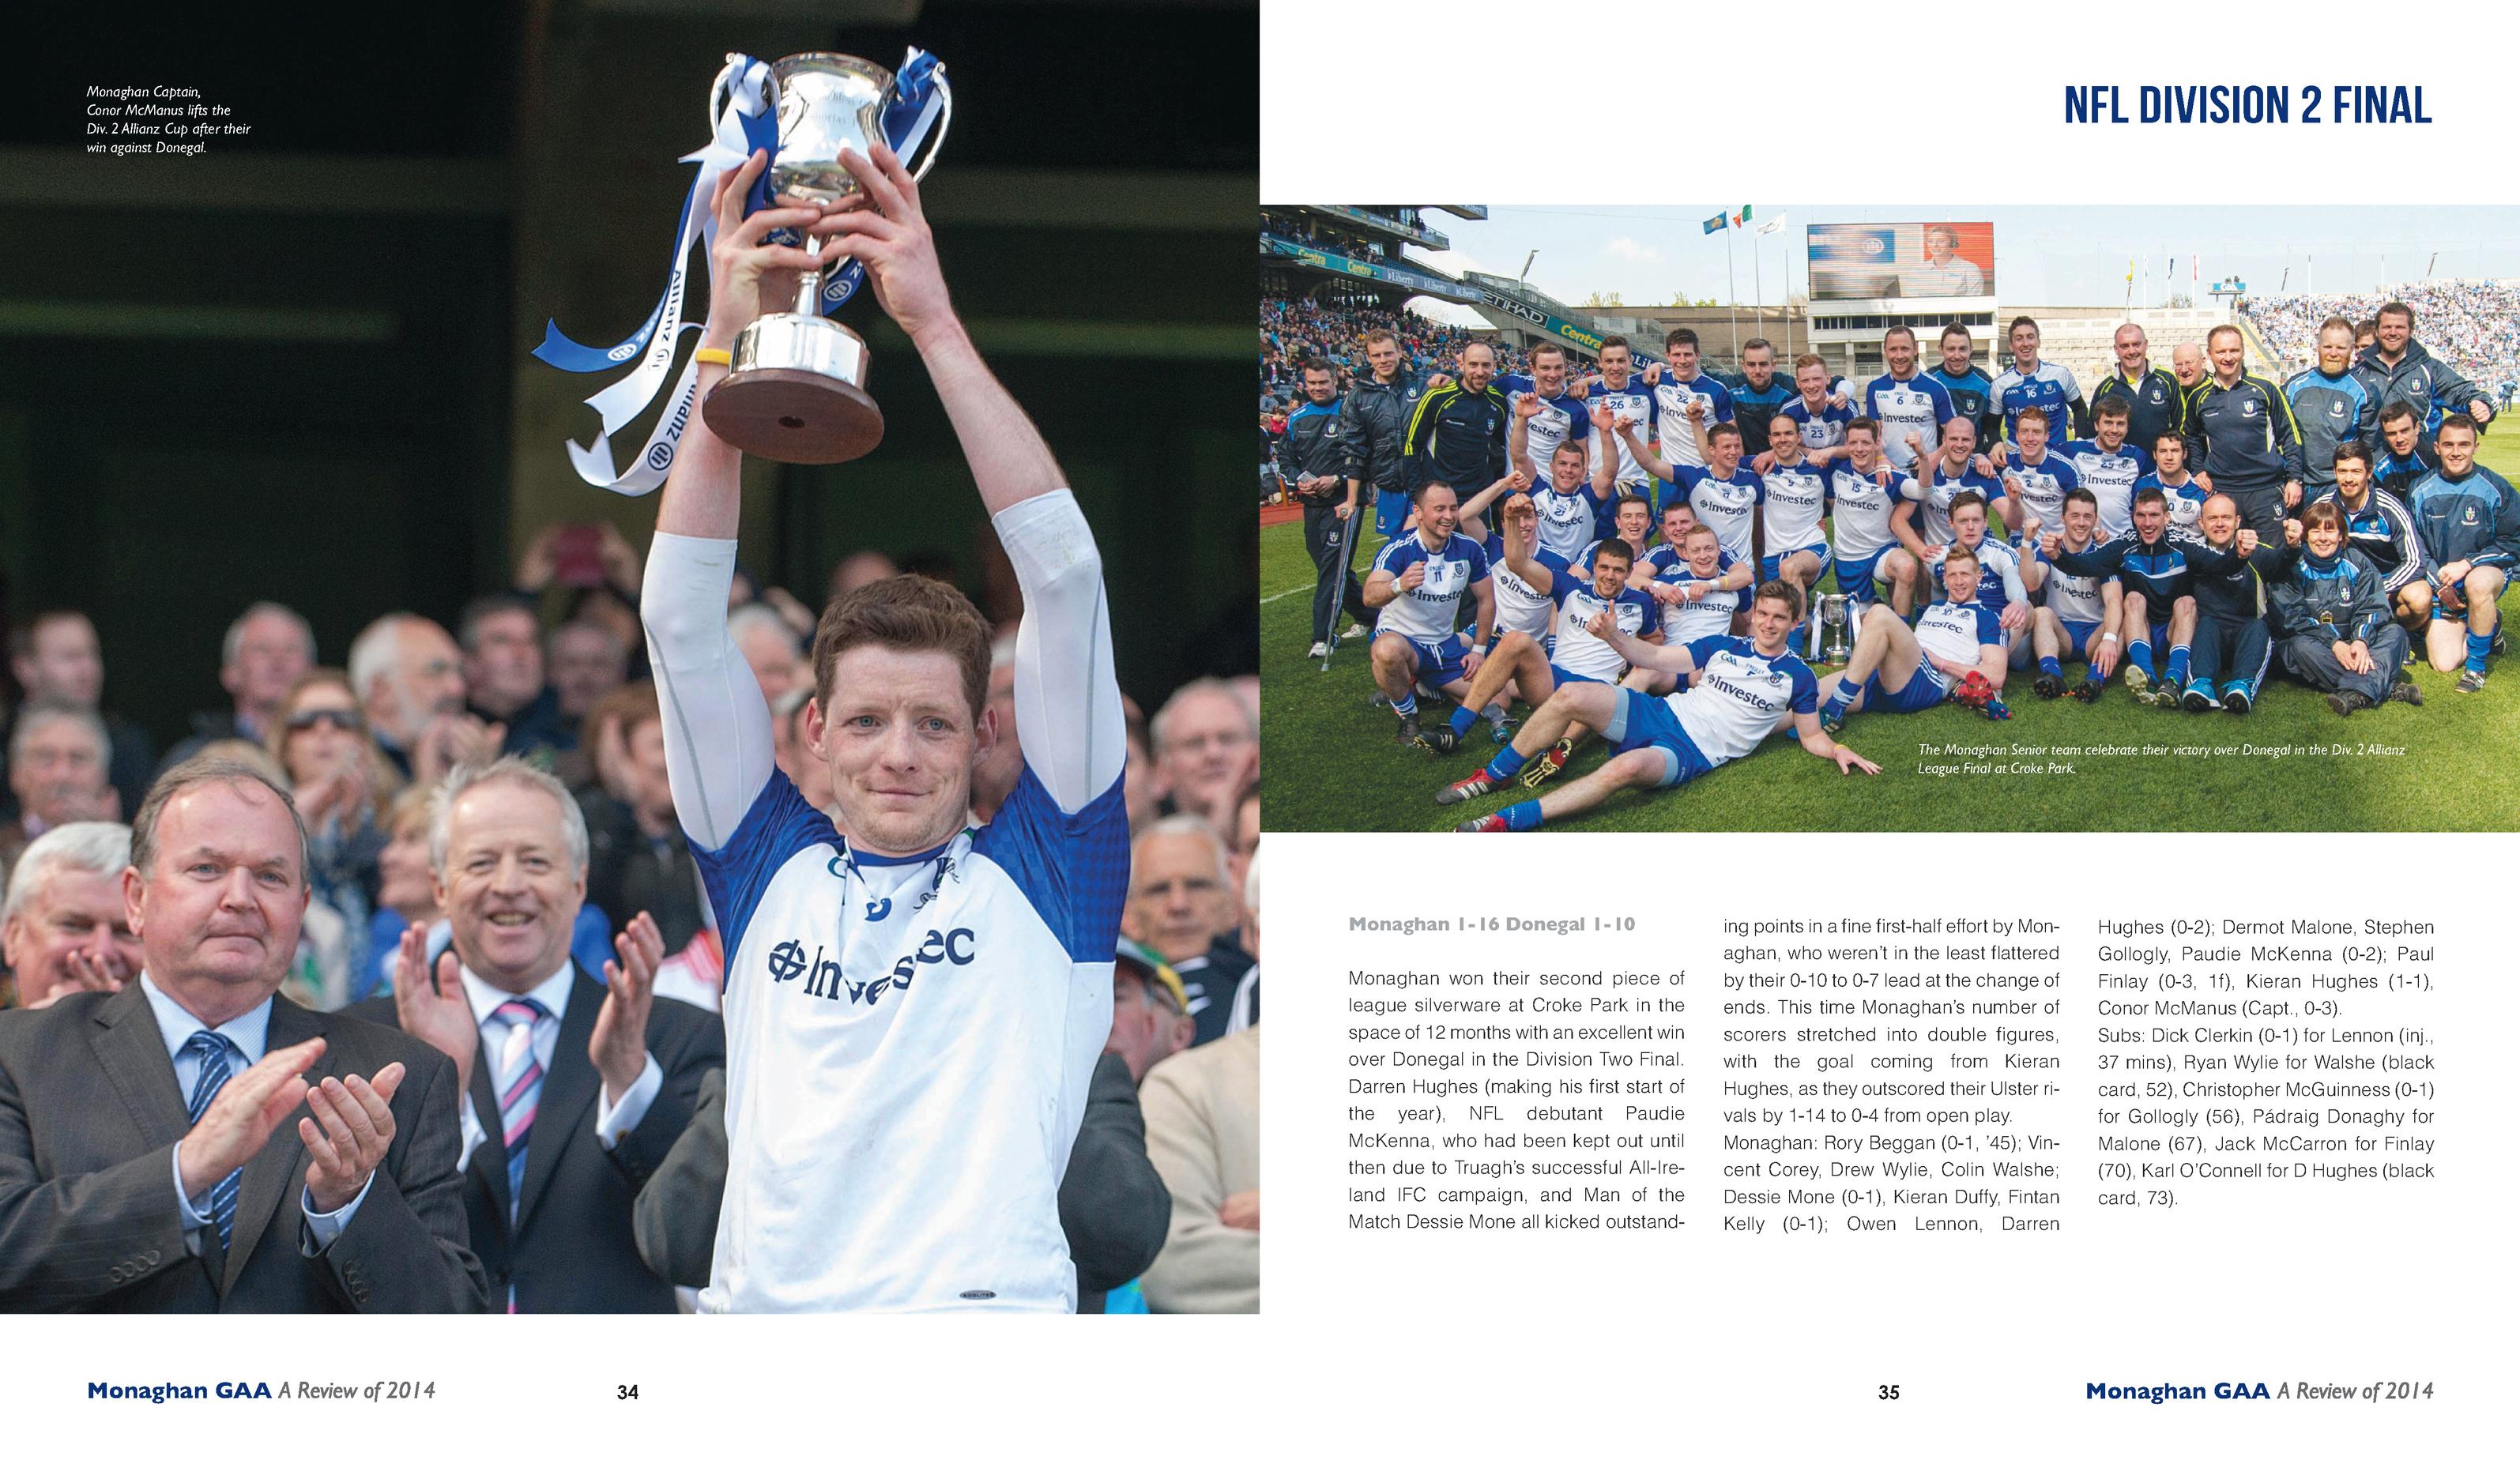 Monaghan GAA Yearbook 2014